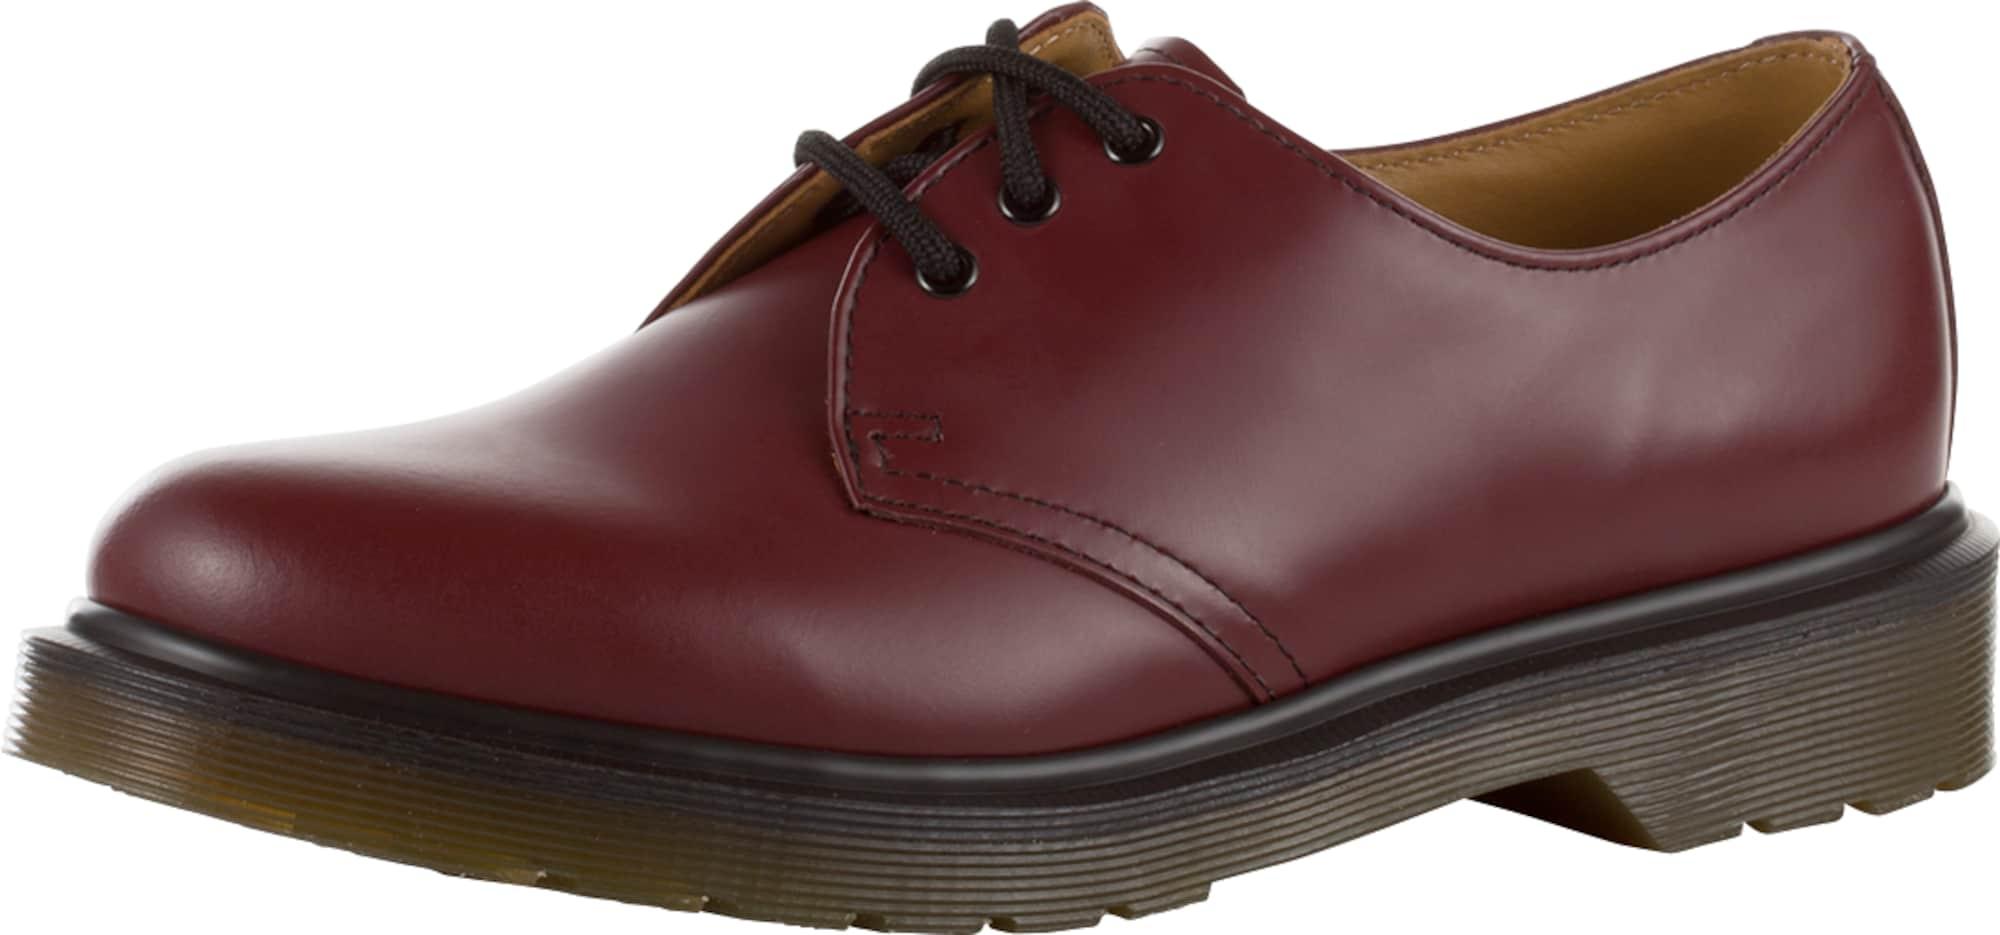 dr martens leder halbschuhe 39 3 eye shoe smooth 39 im unisex look in rot about you. Black Bedroom Furniture Sets. Home Design Ideas